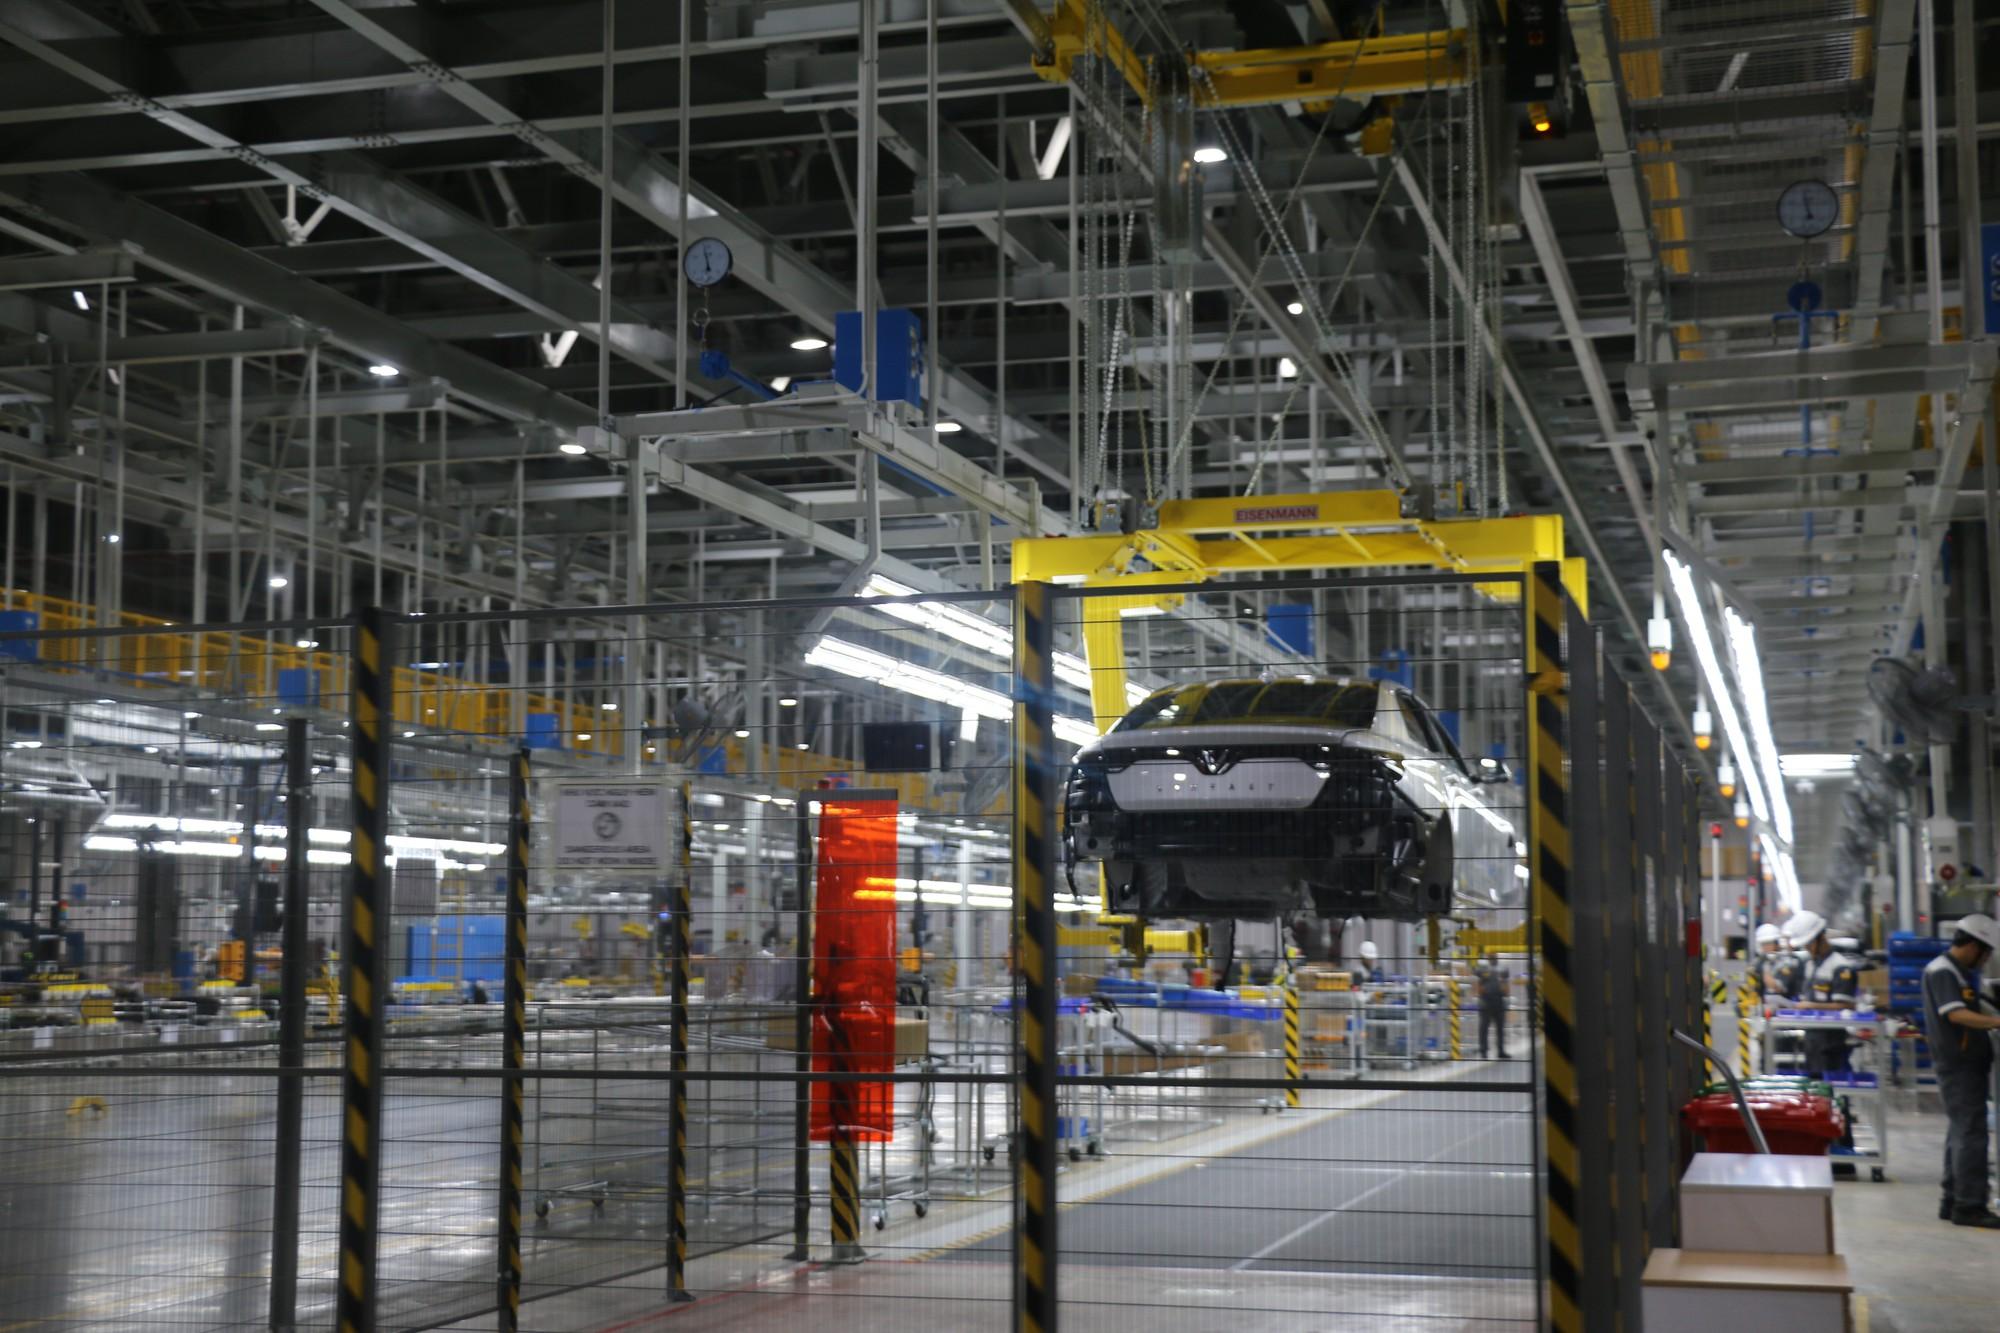 Xem quy trình lắp ráp ôtô VinFast trước ngày đi vào sản xuất thương mại - Ảnh 11.